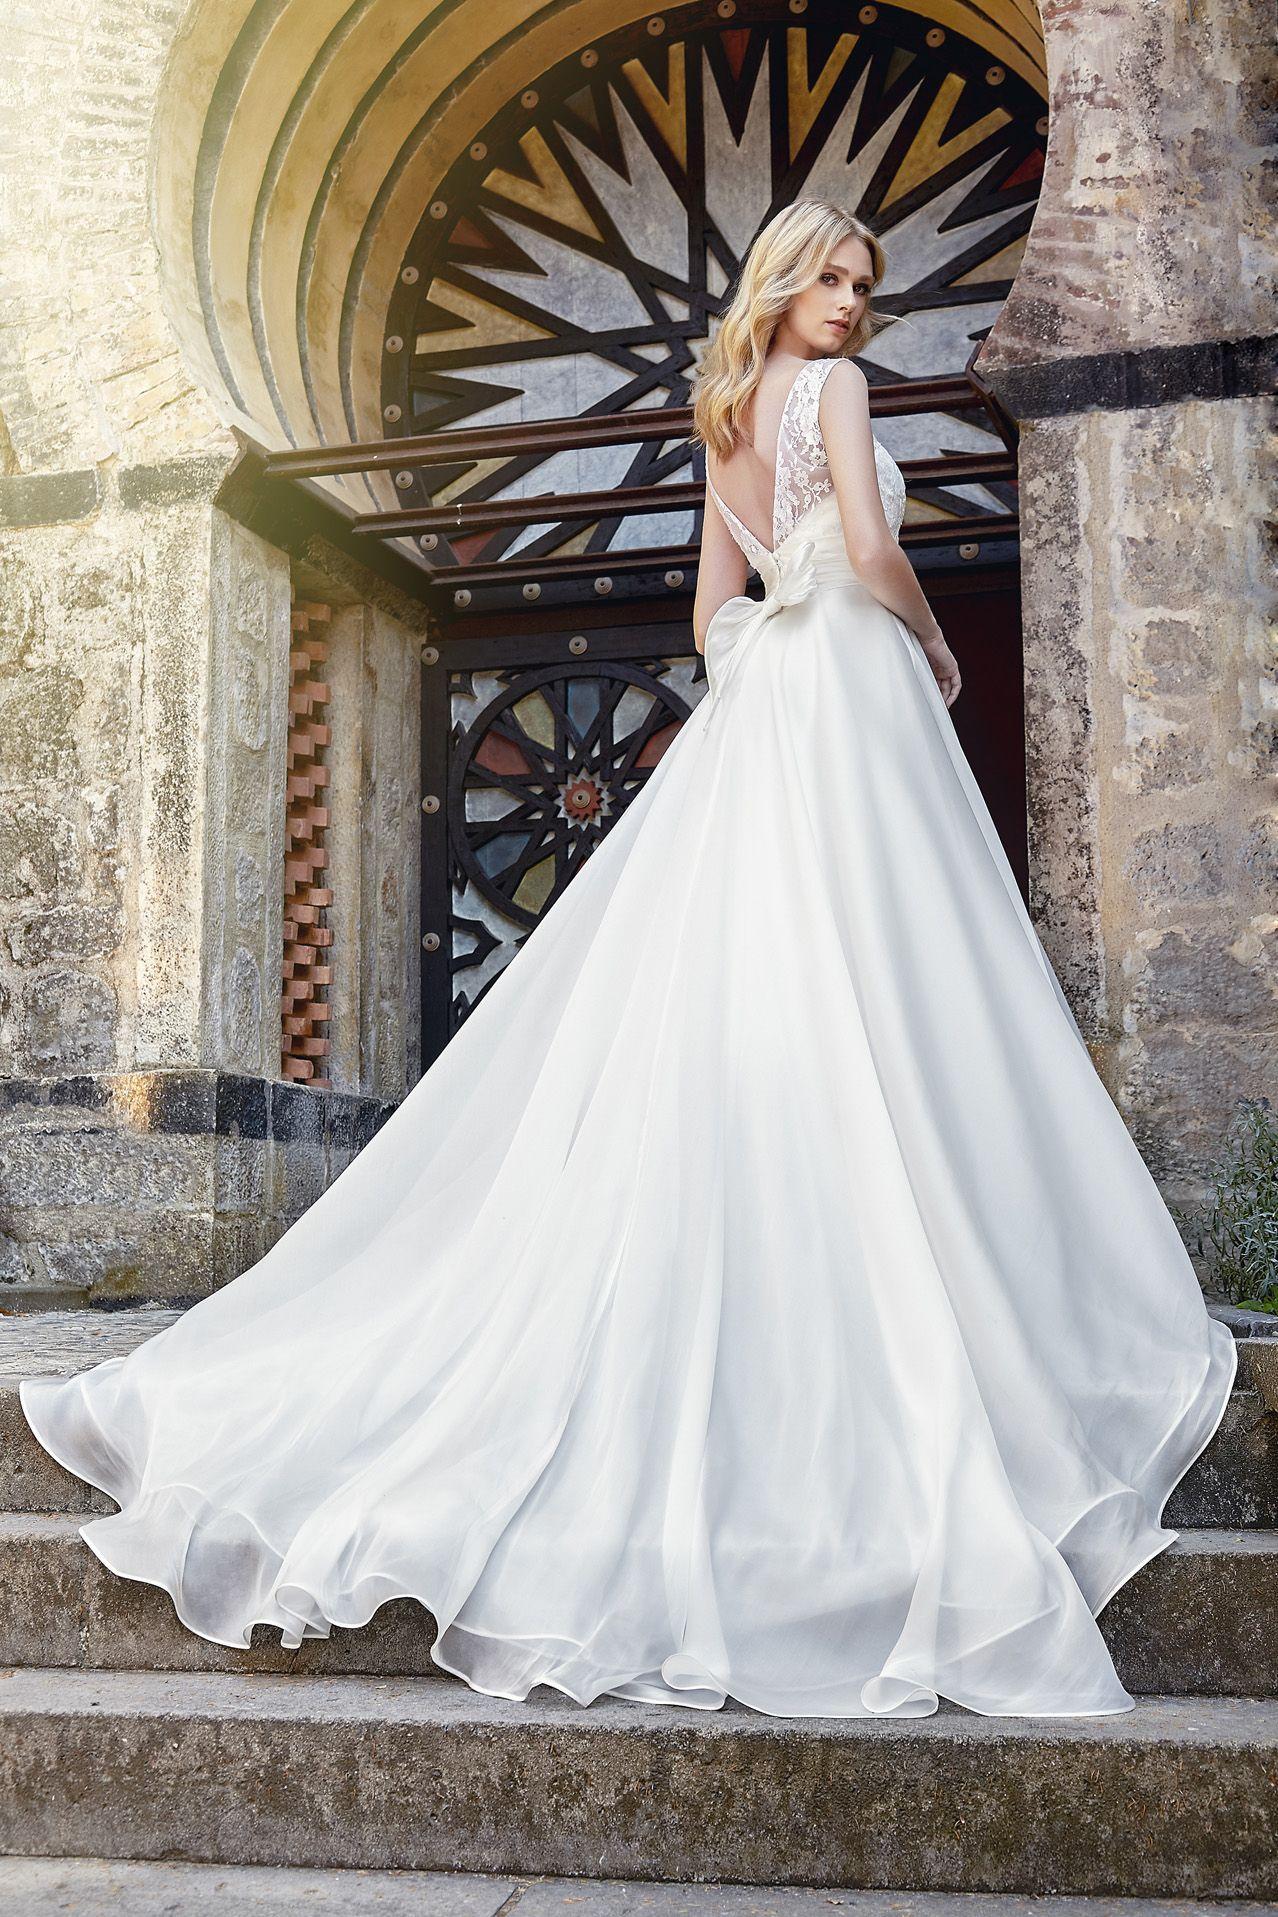 Vestiti Da Sposa Stupendi.Modello Sb 0318 Stupendo Abito Da Sposa In Organza Voile Di Seta